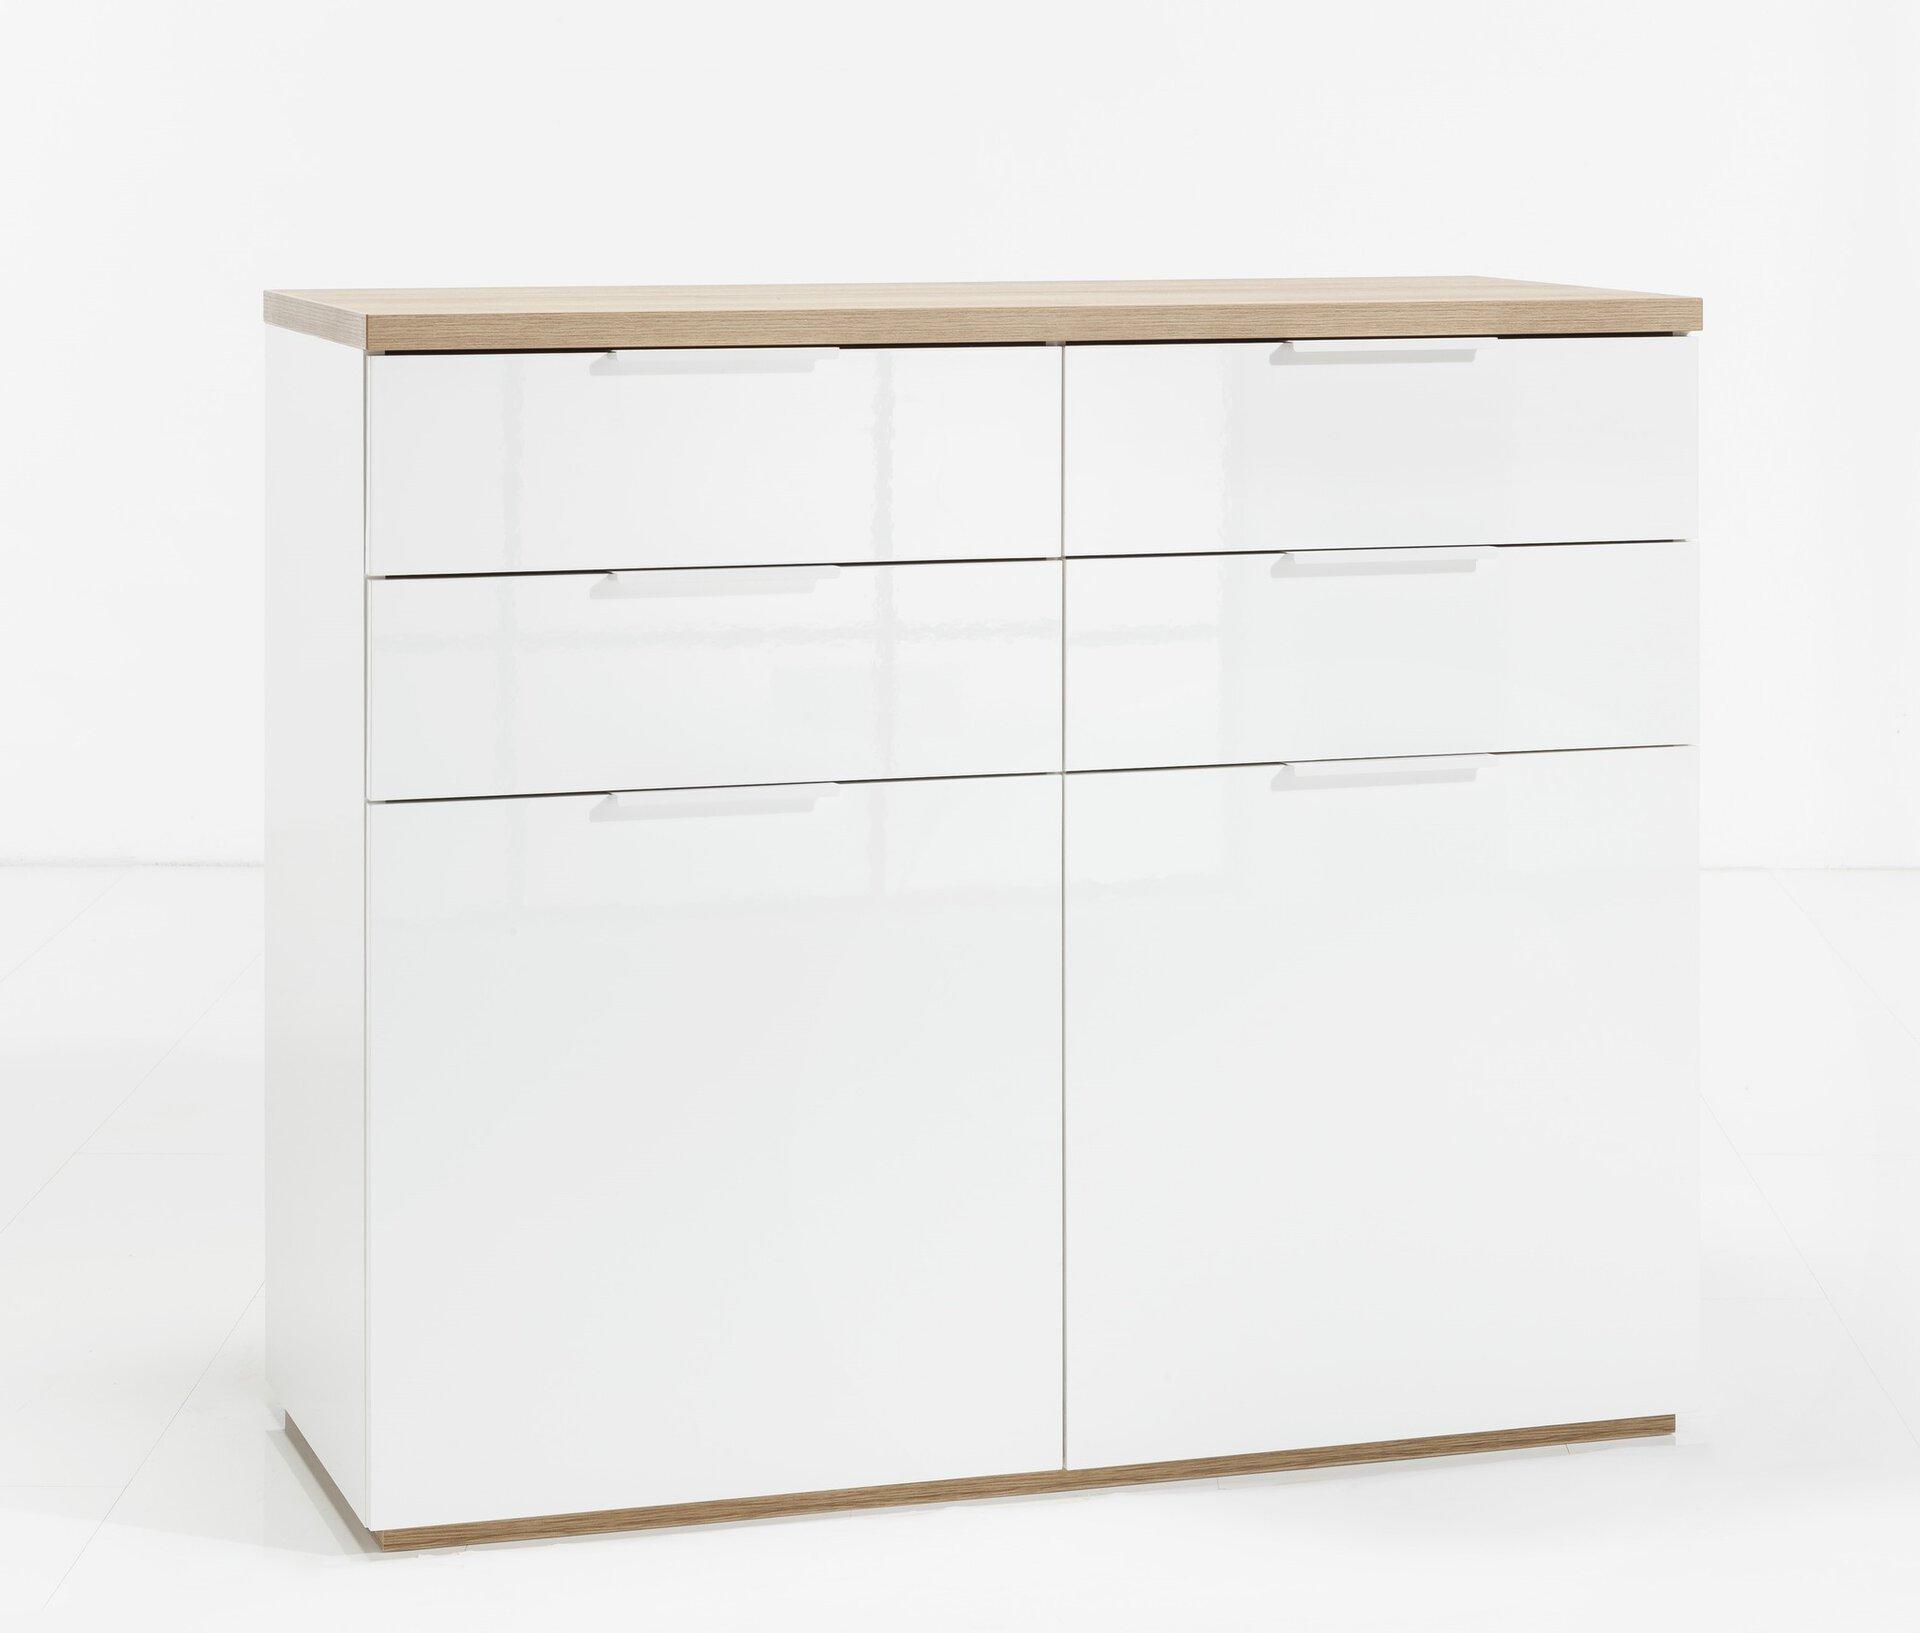 Schuhschrank Mundi inDoor Holzwerkstoff mehrfarbig 50 x 102 x 120 cm